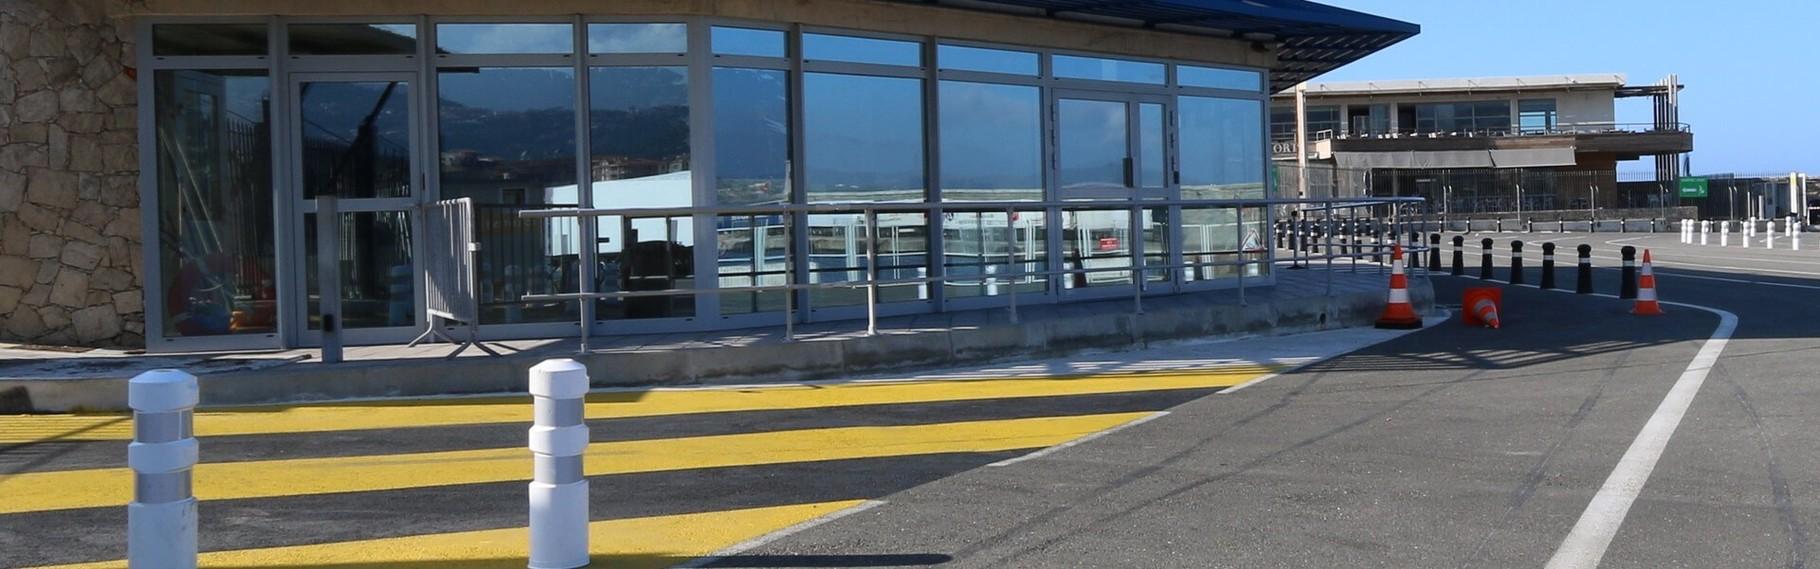 Menco - La gare maritime d'ïle rousse